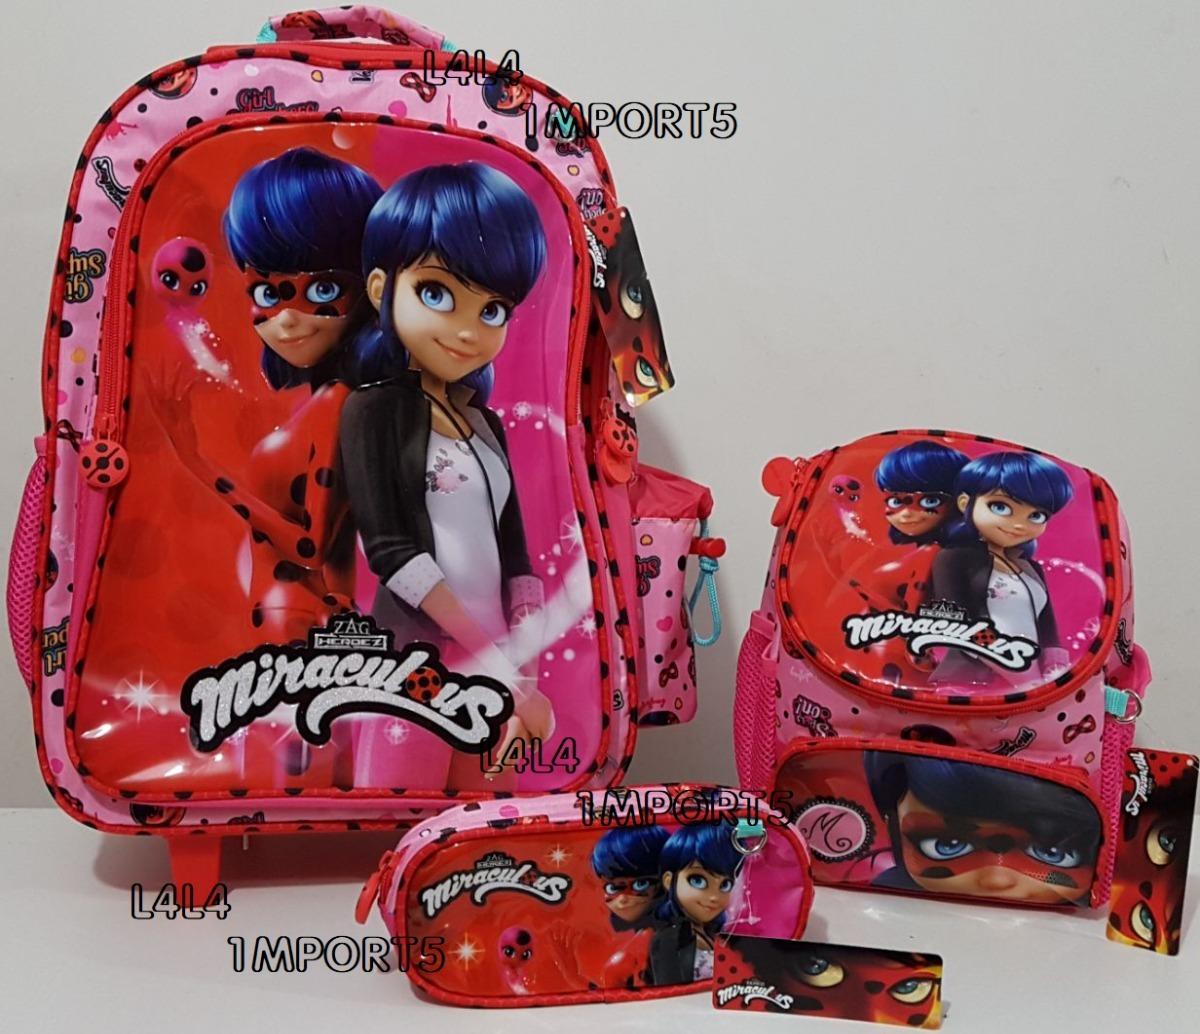 ... mochila escolar infantil rodinhas miraculous ladybug. Carregando zoom. 3e8ff54f0d277